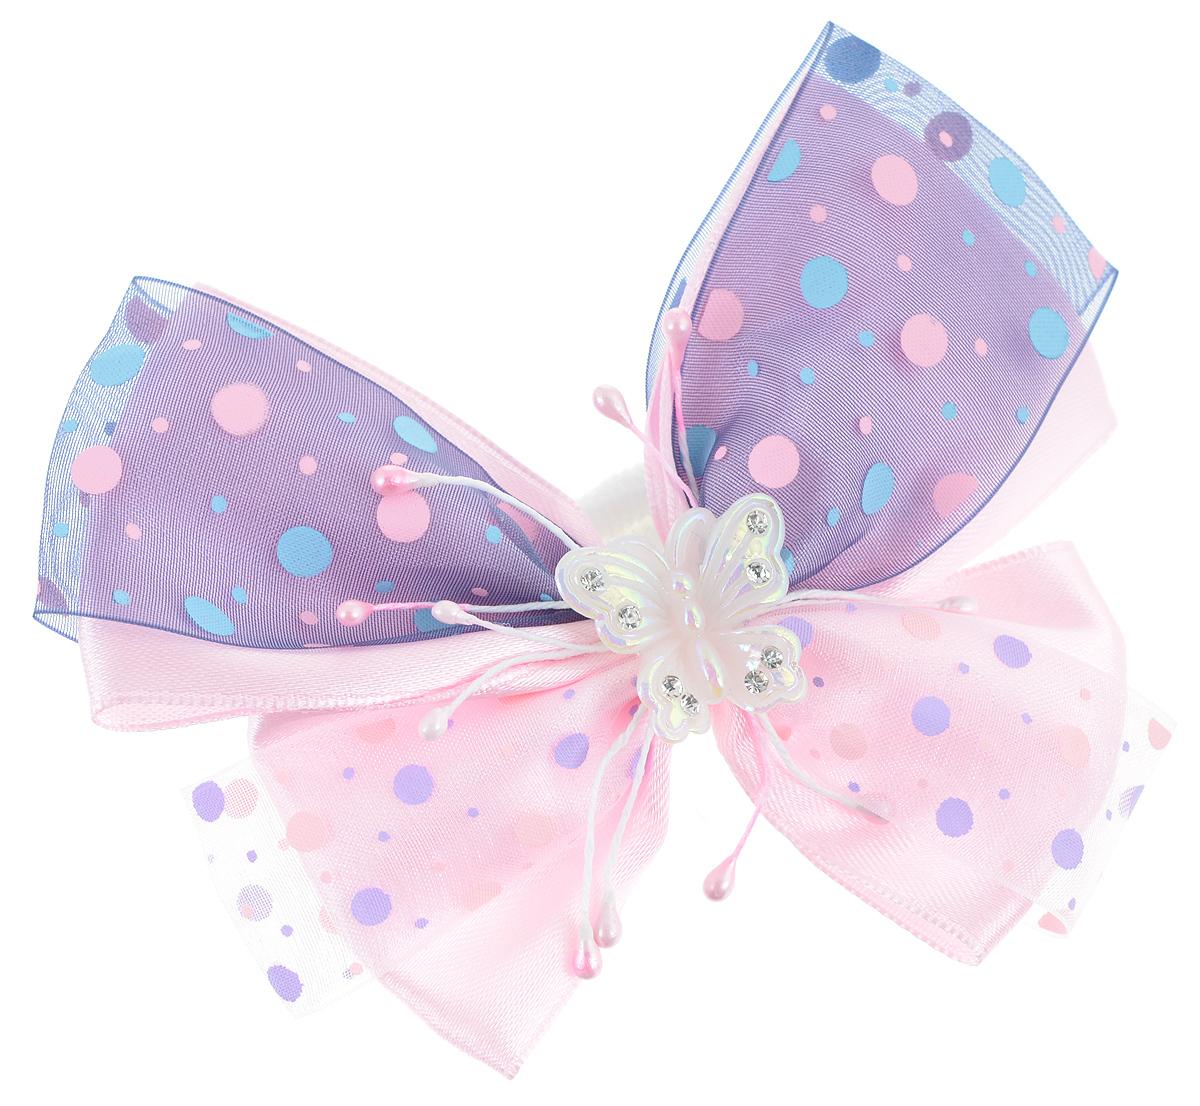 Резинка для волос Babys Joy, цвет: фиолетовый, розовый. MN 122MN 122_розовый/фиолетовыйРезинка для волос Babys Joy изготовлена из текстиля и дополнена милым бантиком, который оформлен принтом горох и бабочкой из пластика, которая дополнена стразами. Резинка для волос Babys Joy надежно зафиксирует волосы и подчеркнет красоту прически вашей маленькой принцессы.